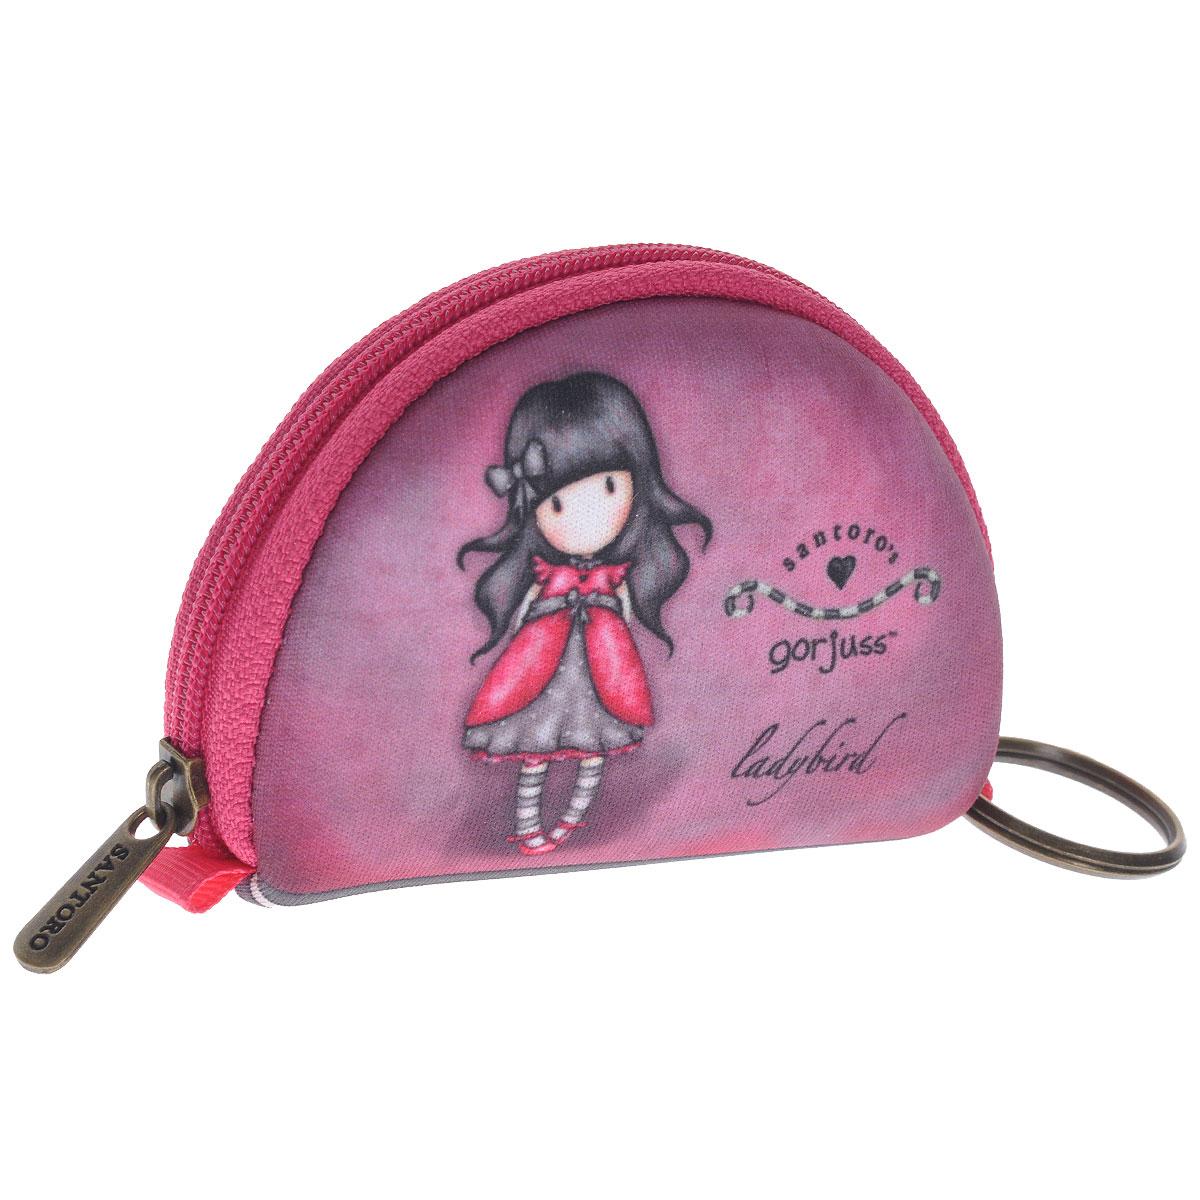 Мини кошелечек Ladybird. 00121800012180Мини кошелек Ladybird не позволит потеряться ни одной идее в потоке событий и станет прекрасным подарком для любительницы оригинальных вещиц. Кошелек выполнен из полиуретана розового цвета и оформлен стилизованным рисунком шотландской художницы Сюзан Вулкотт (Suzanne Woolcott) с изображением основного персонажа своих произведений - девочки Горджус (Gorjuss). Кошелек, застегивающийся на молнию и также имеет кольцо для ключей. Характеристики: Материал: полиуретан, металл. Размер: 9 см х 6 см х 2 см. Цвет: розовый.